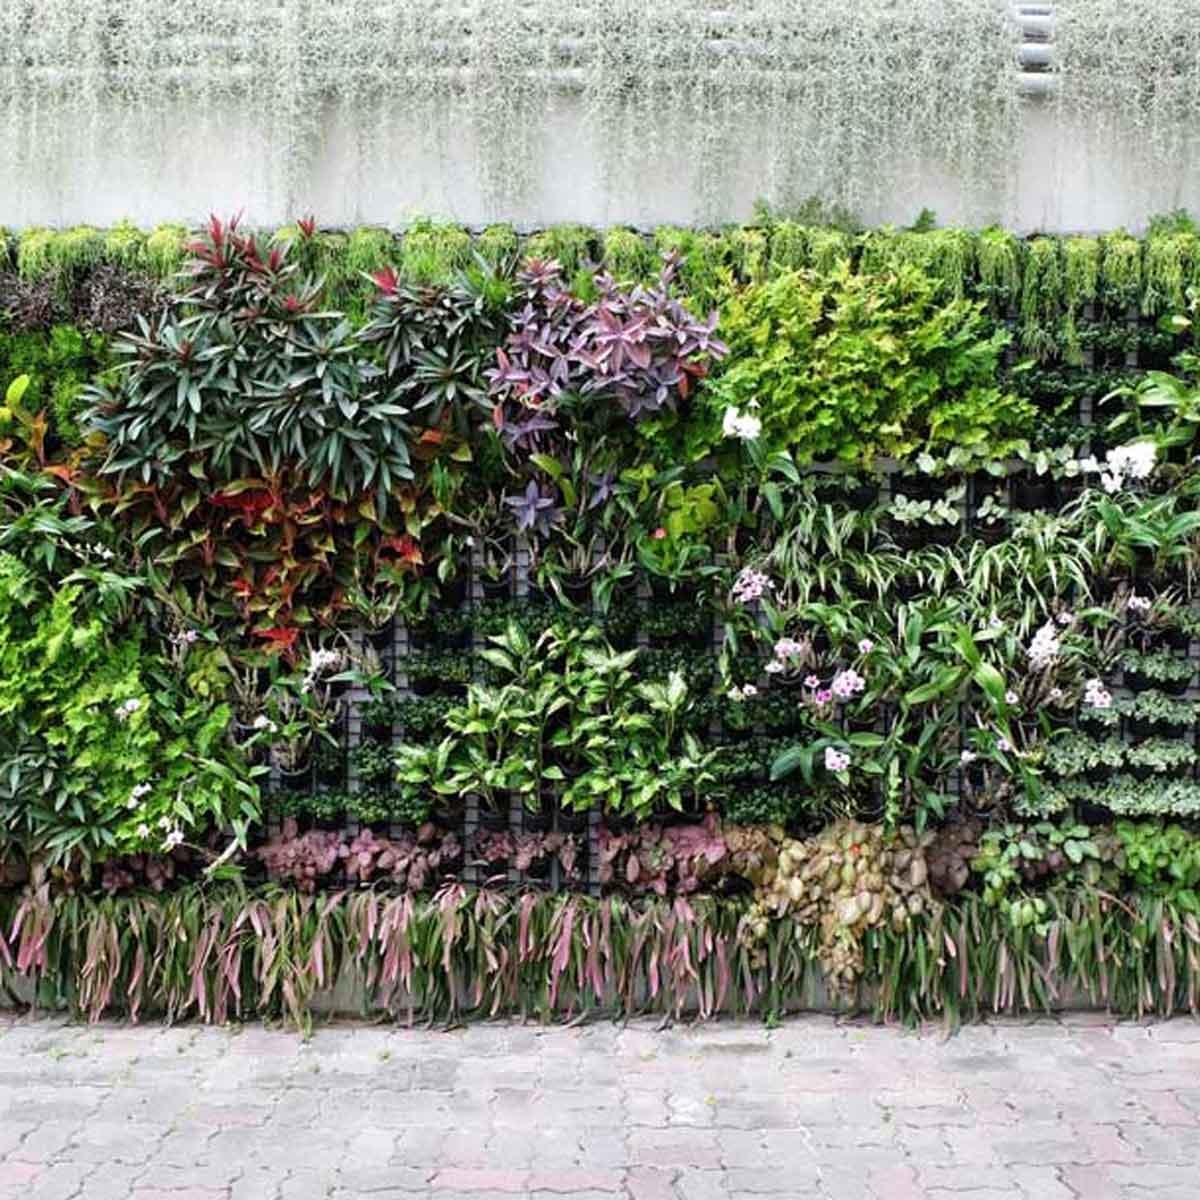 Contro smog e isole di calore un aiuto da giardini pensili e verticali